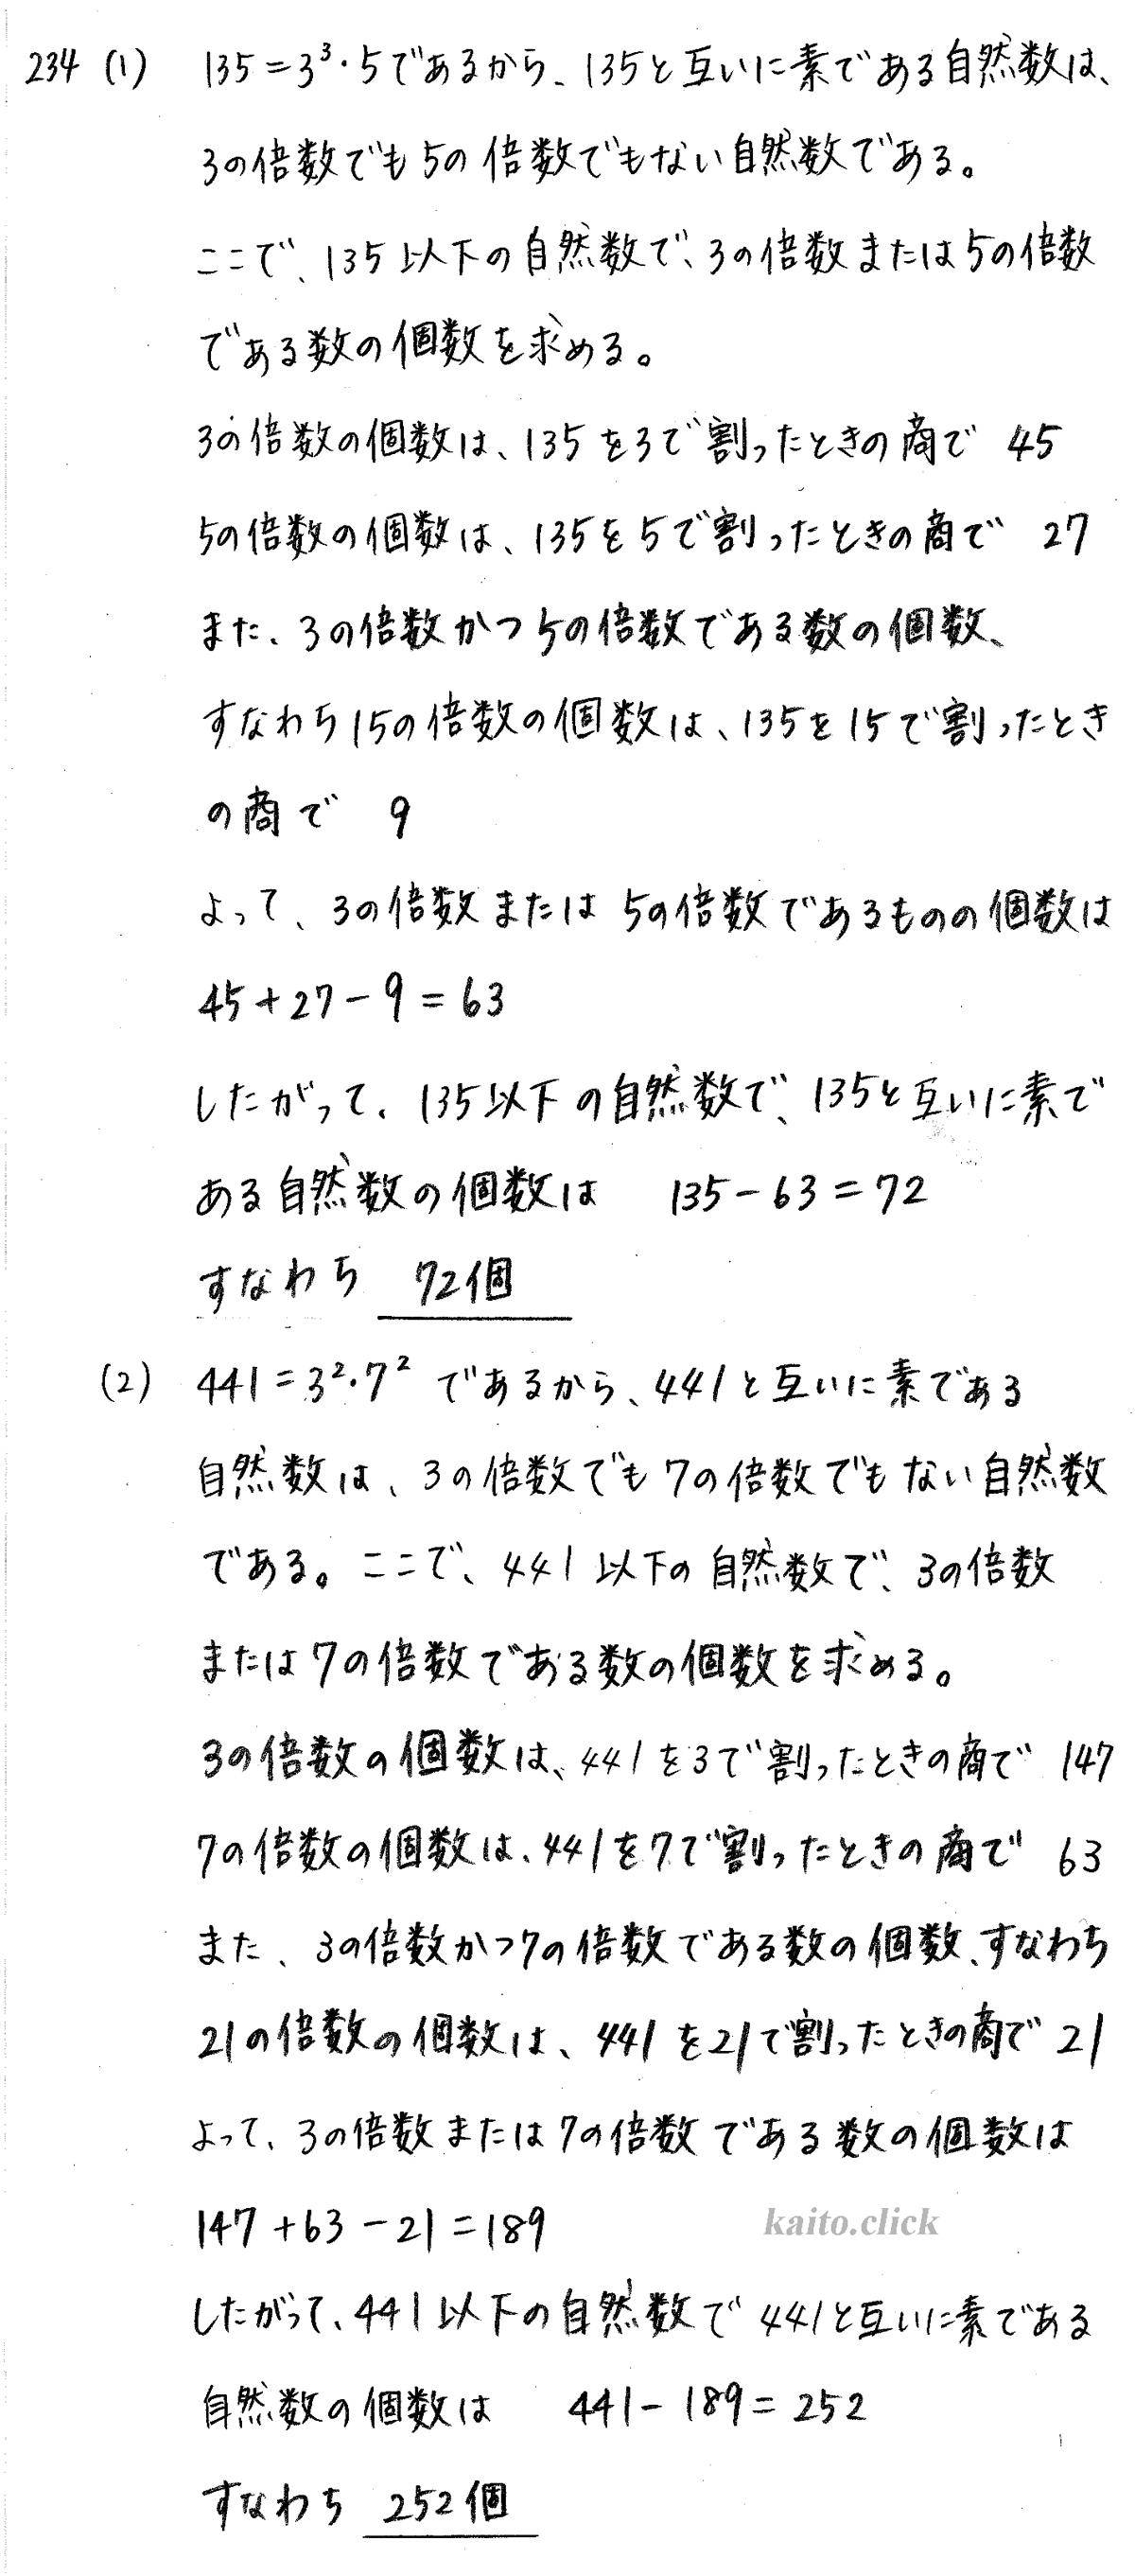 クリアー数学A-234解答